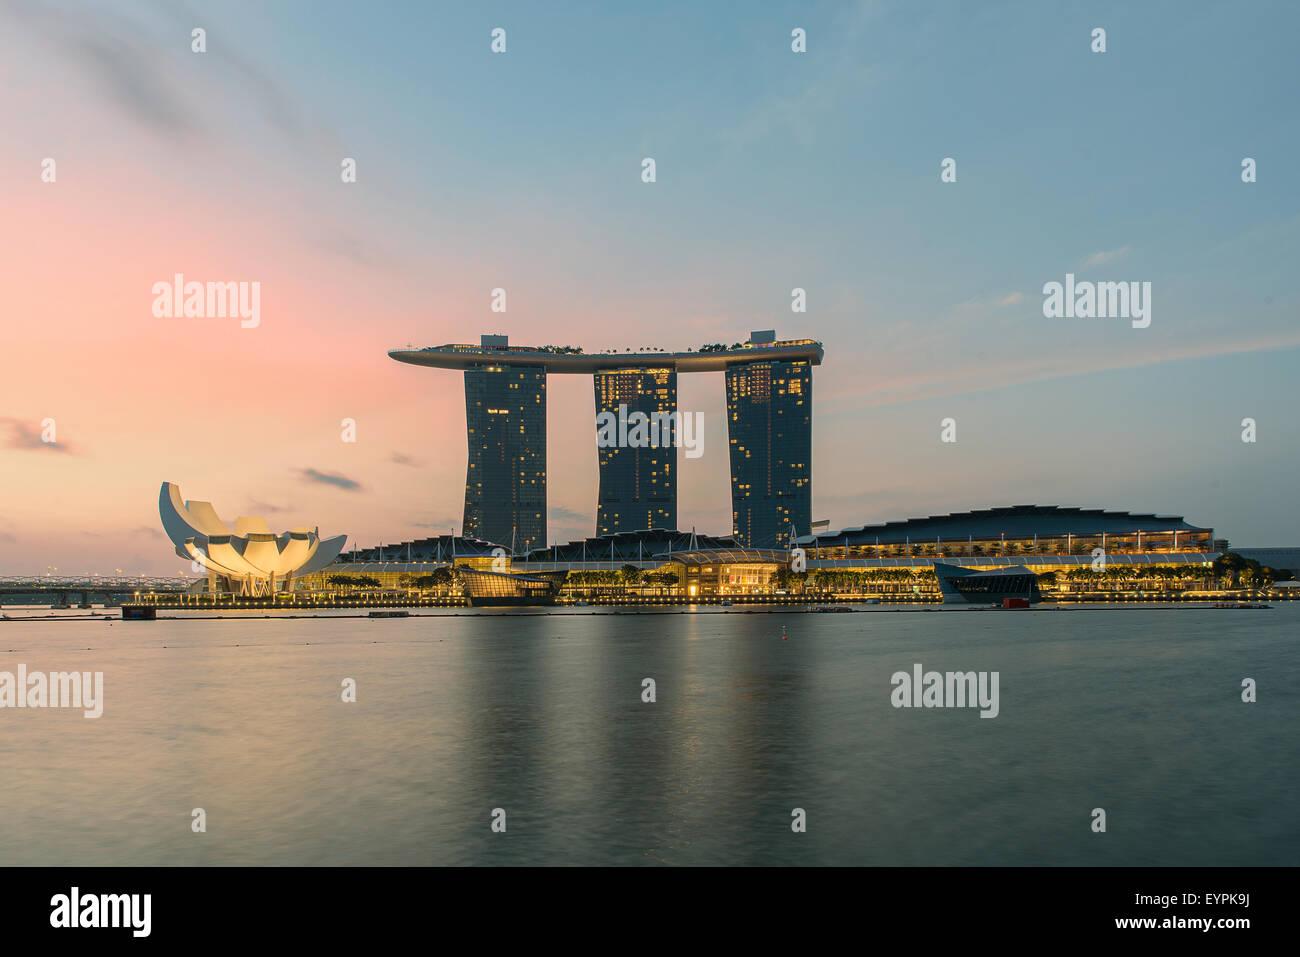 Singapore city skyline at night - Stock Image